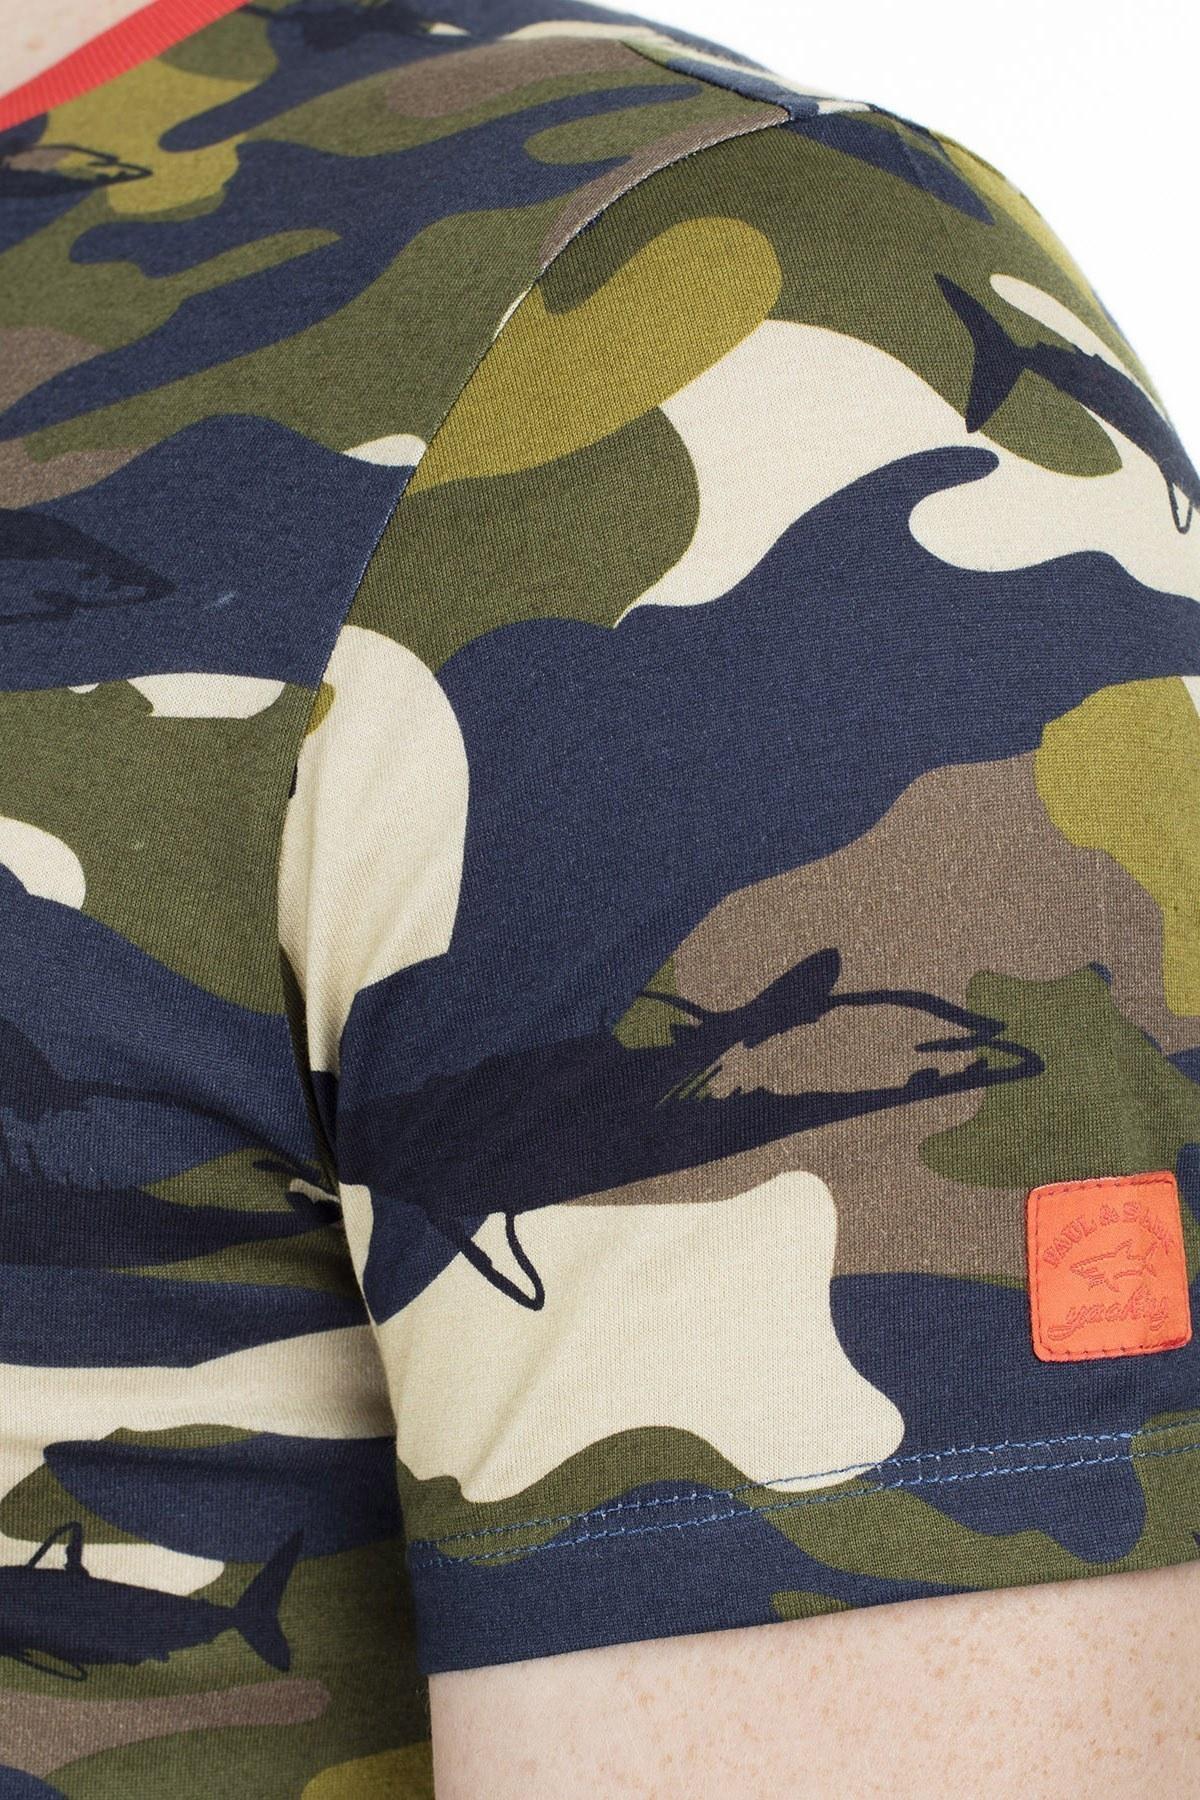 Paul & Shark Erkek T Shirt E18P1159SF 480 KAMUFLAJ